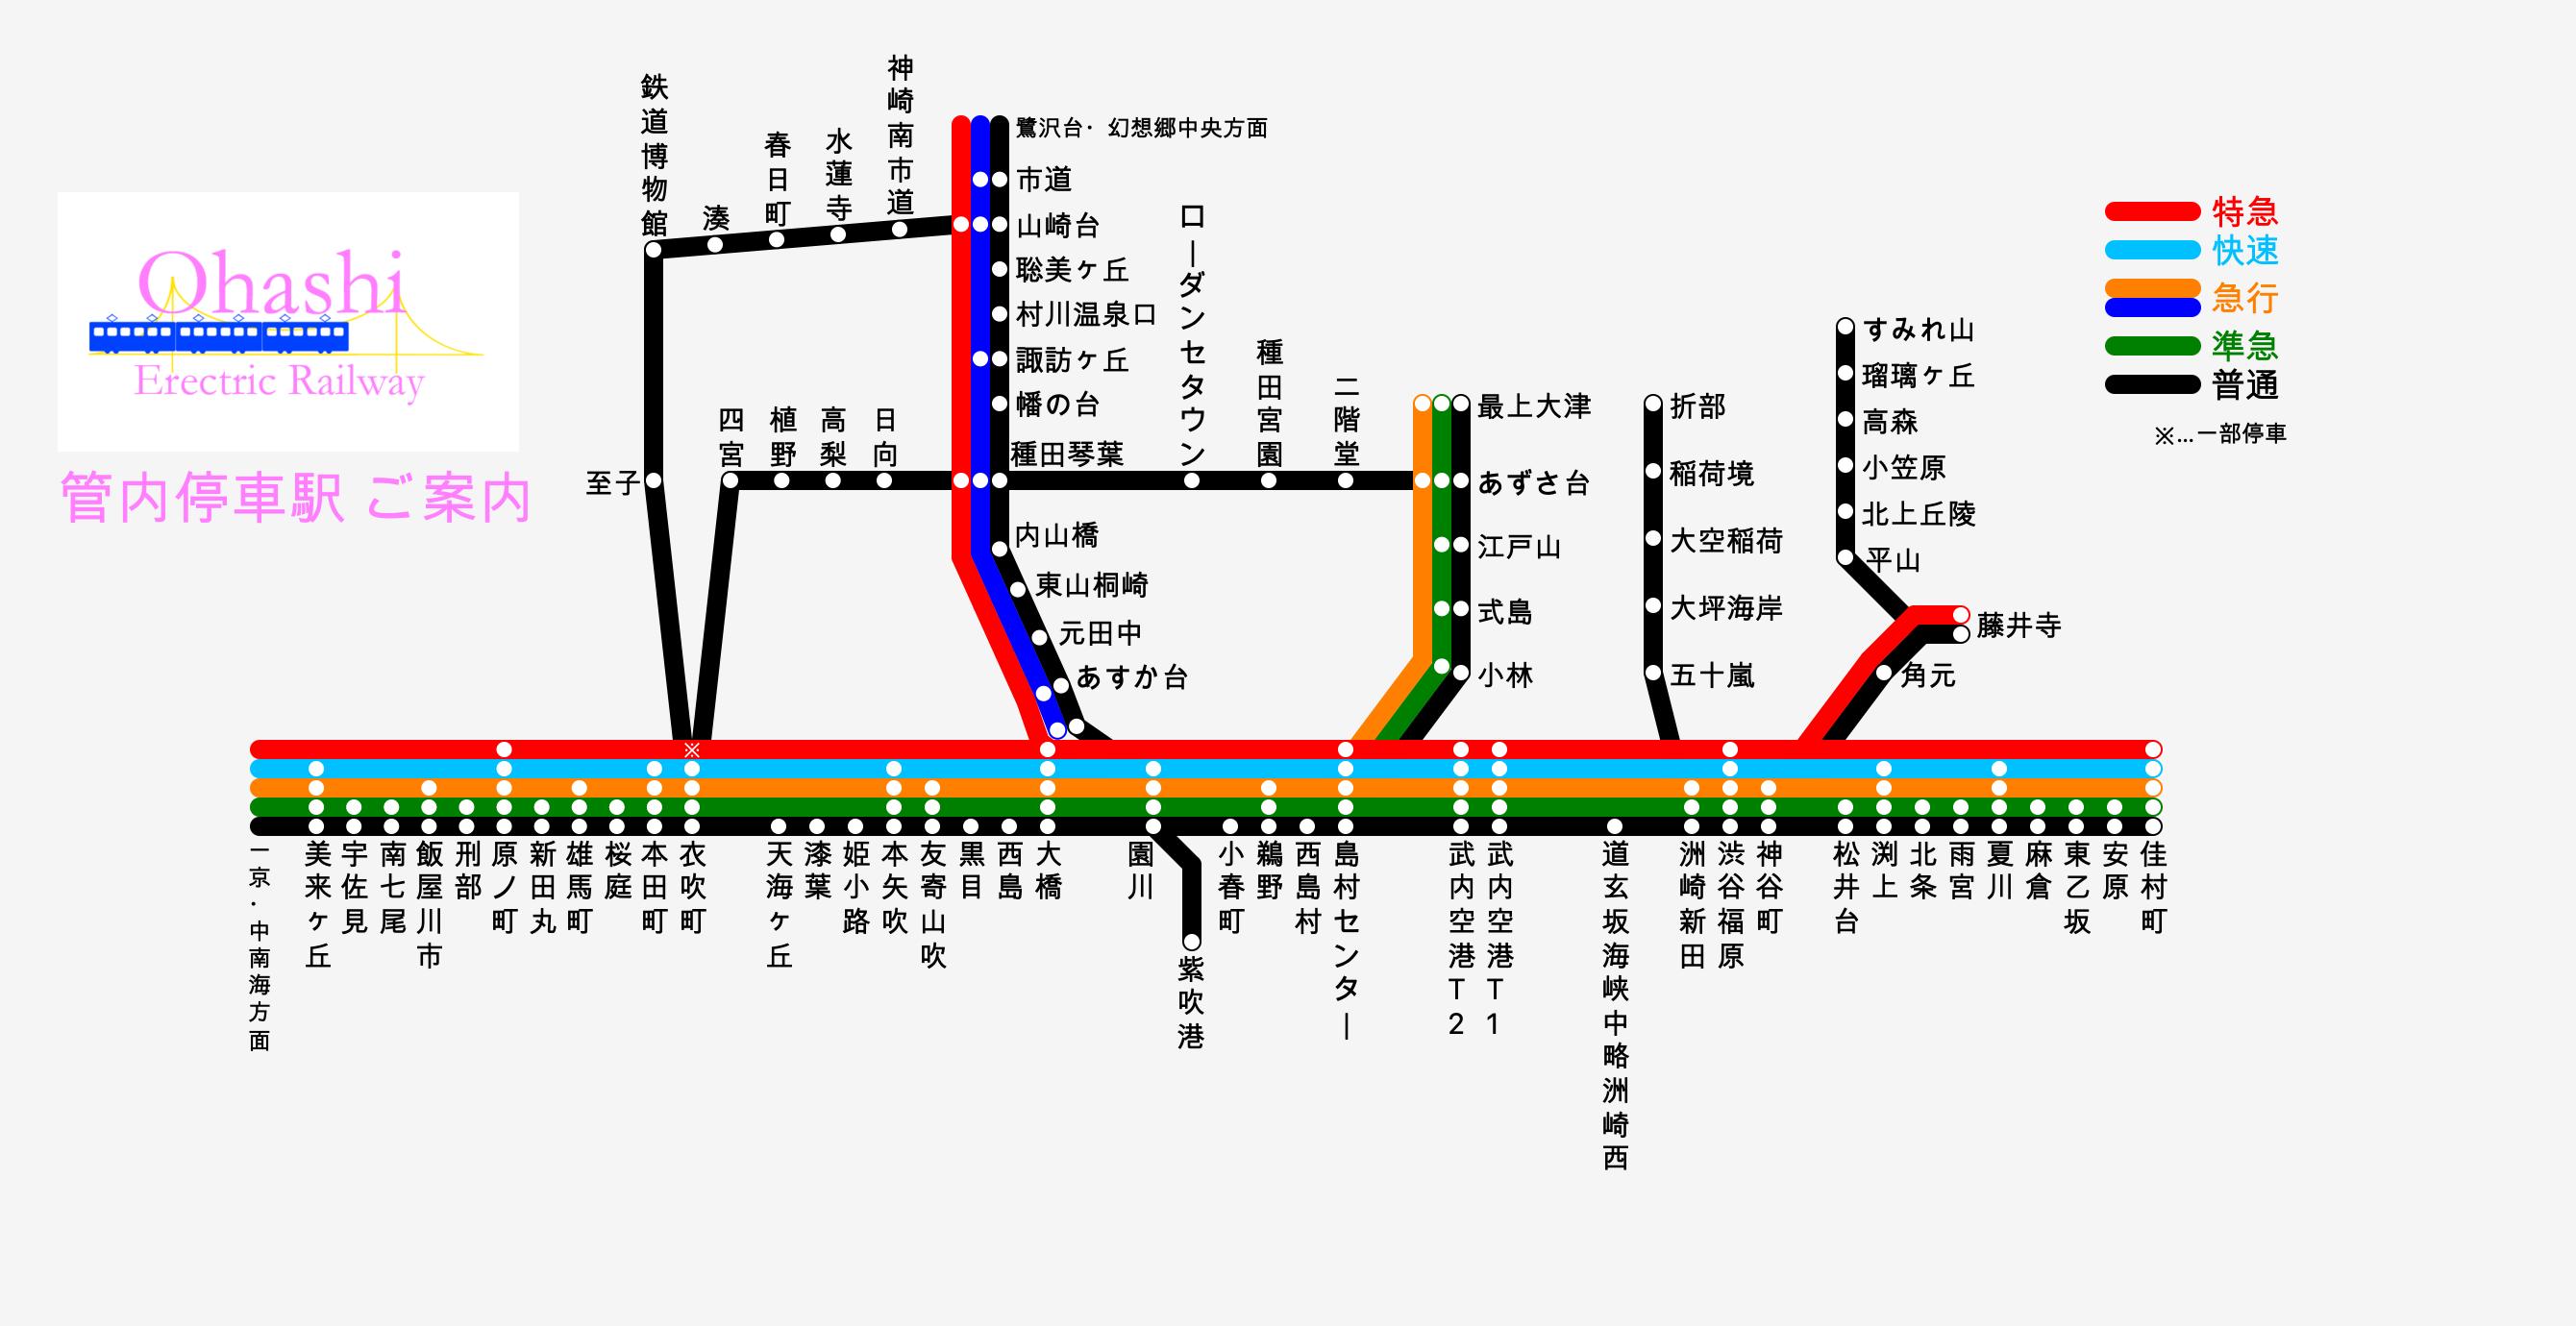 大橋#12路線図-1.png